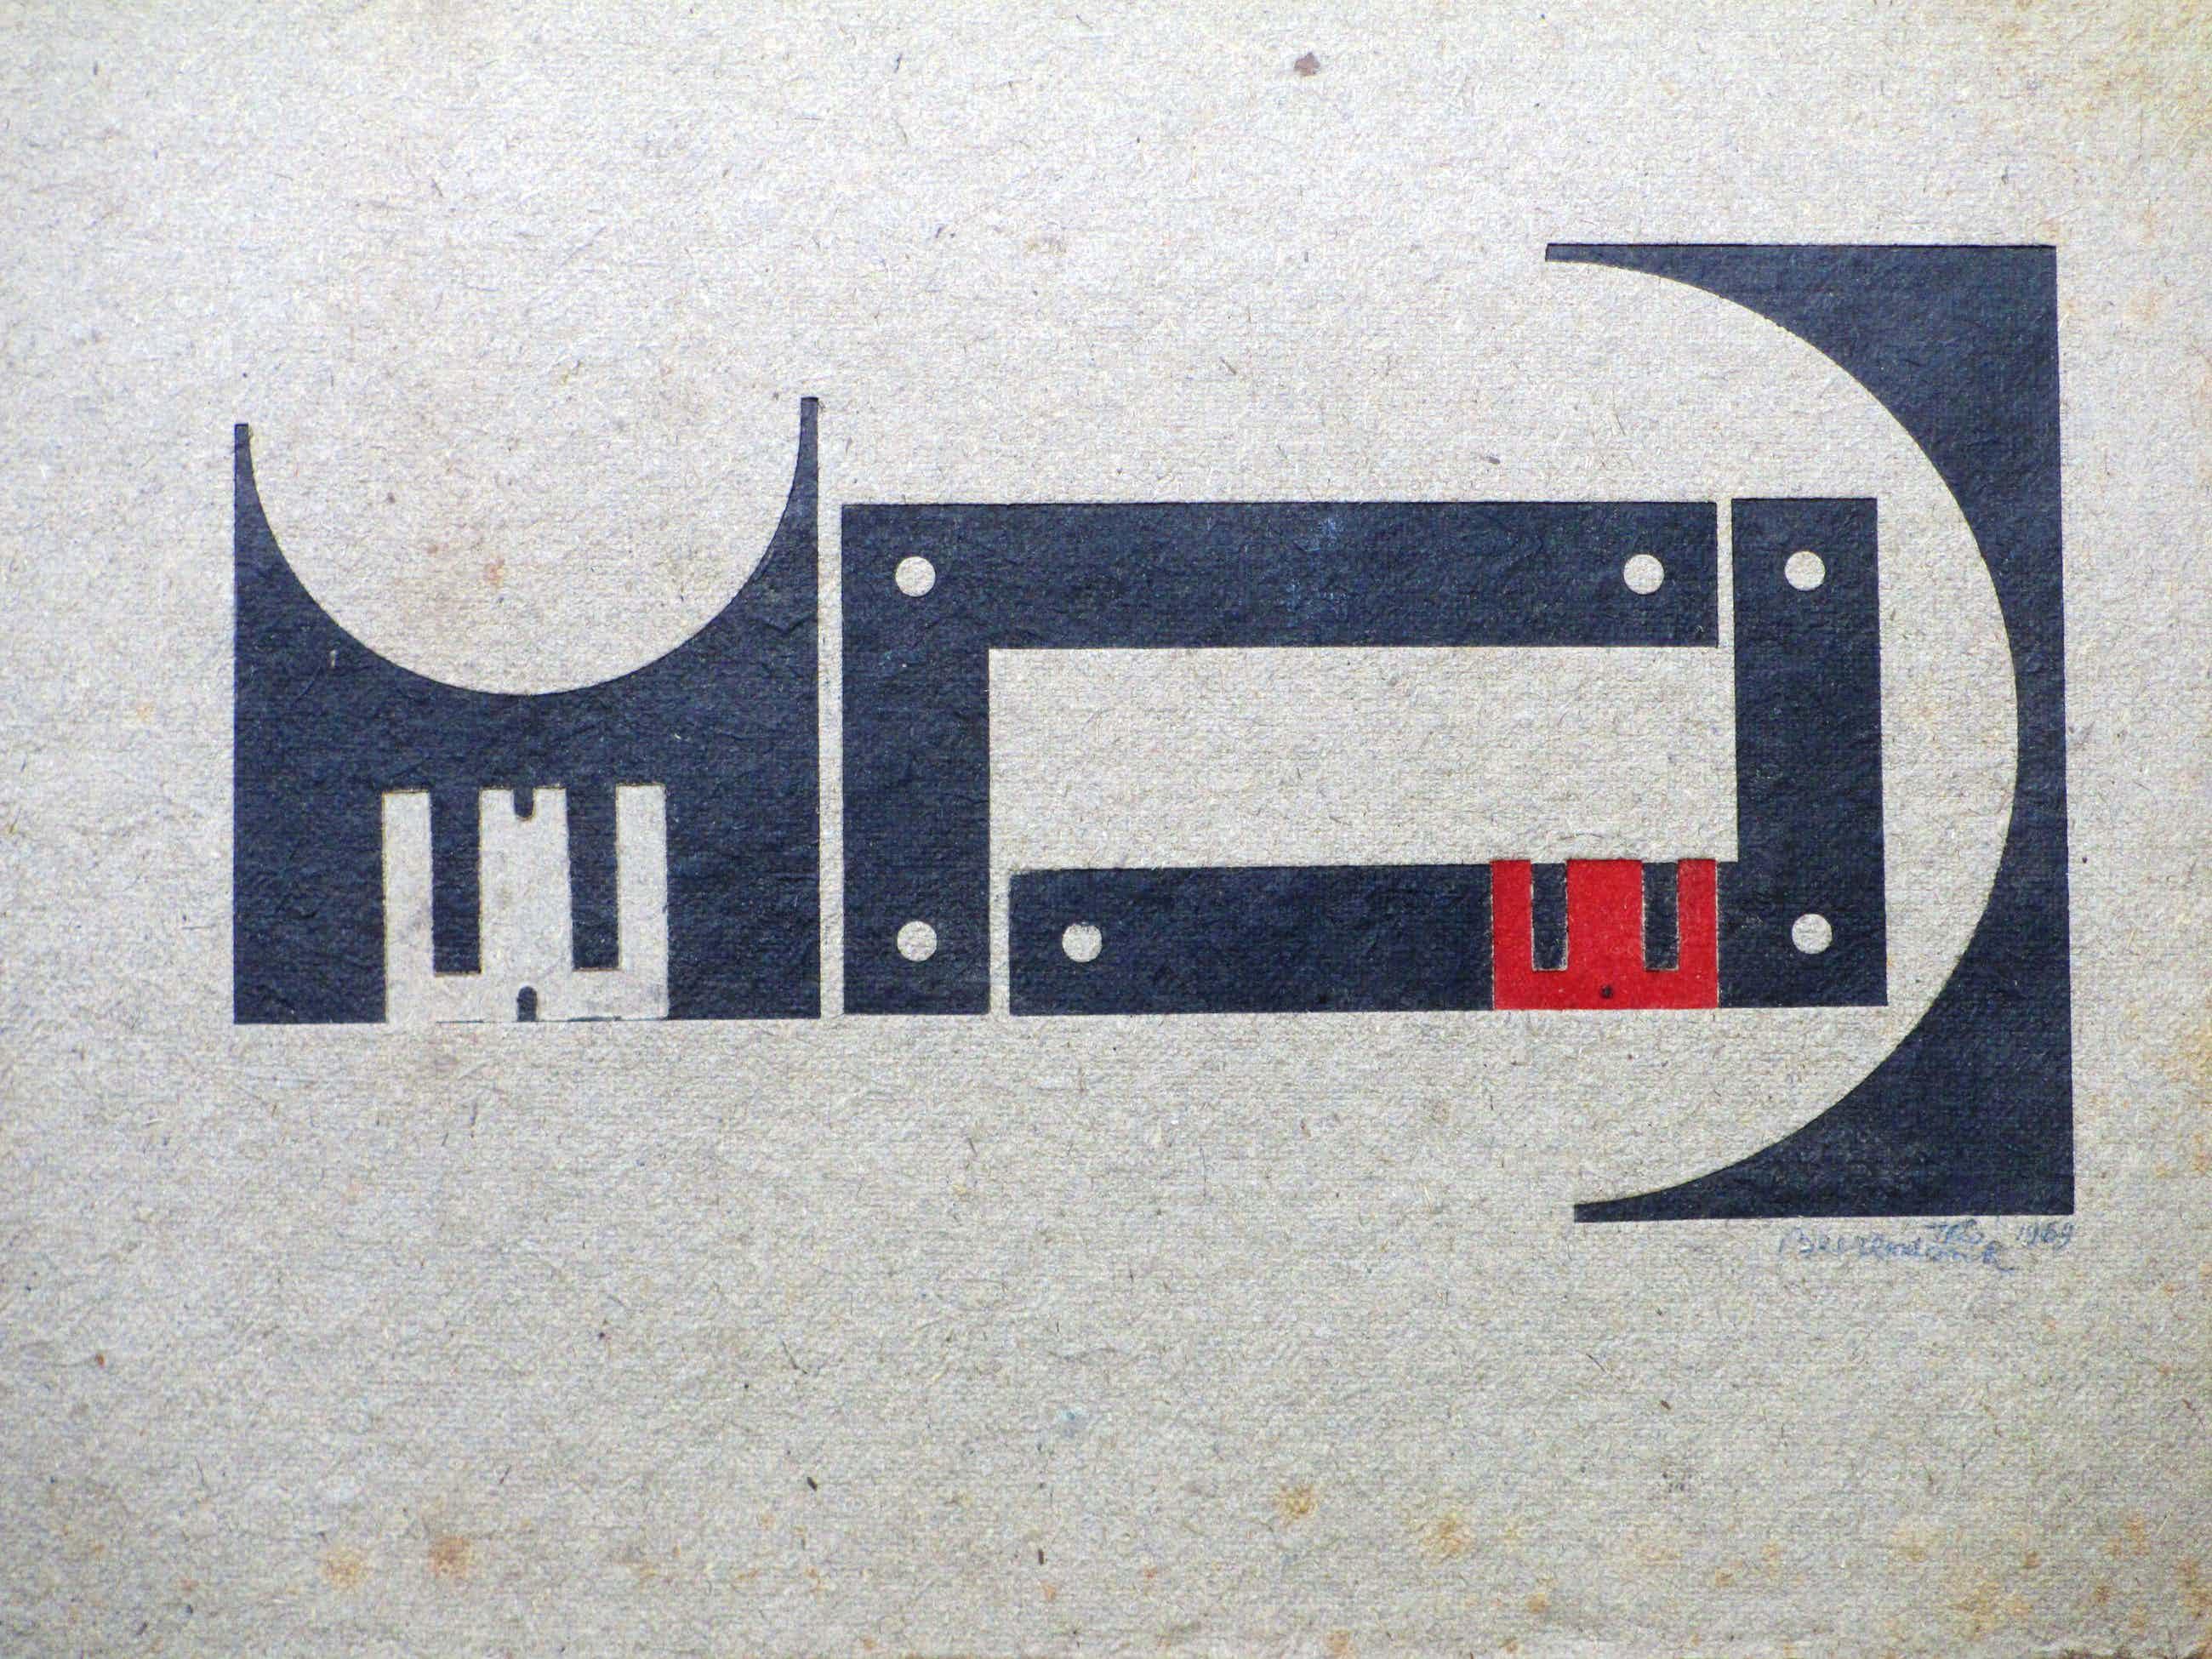 Theo Beerendonk - Abstracte compositie in zwart/rood - Ets in diepdruk kopen? Bied vanaf 50!